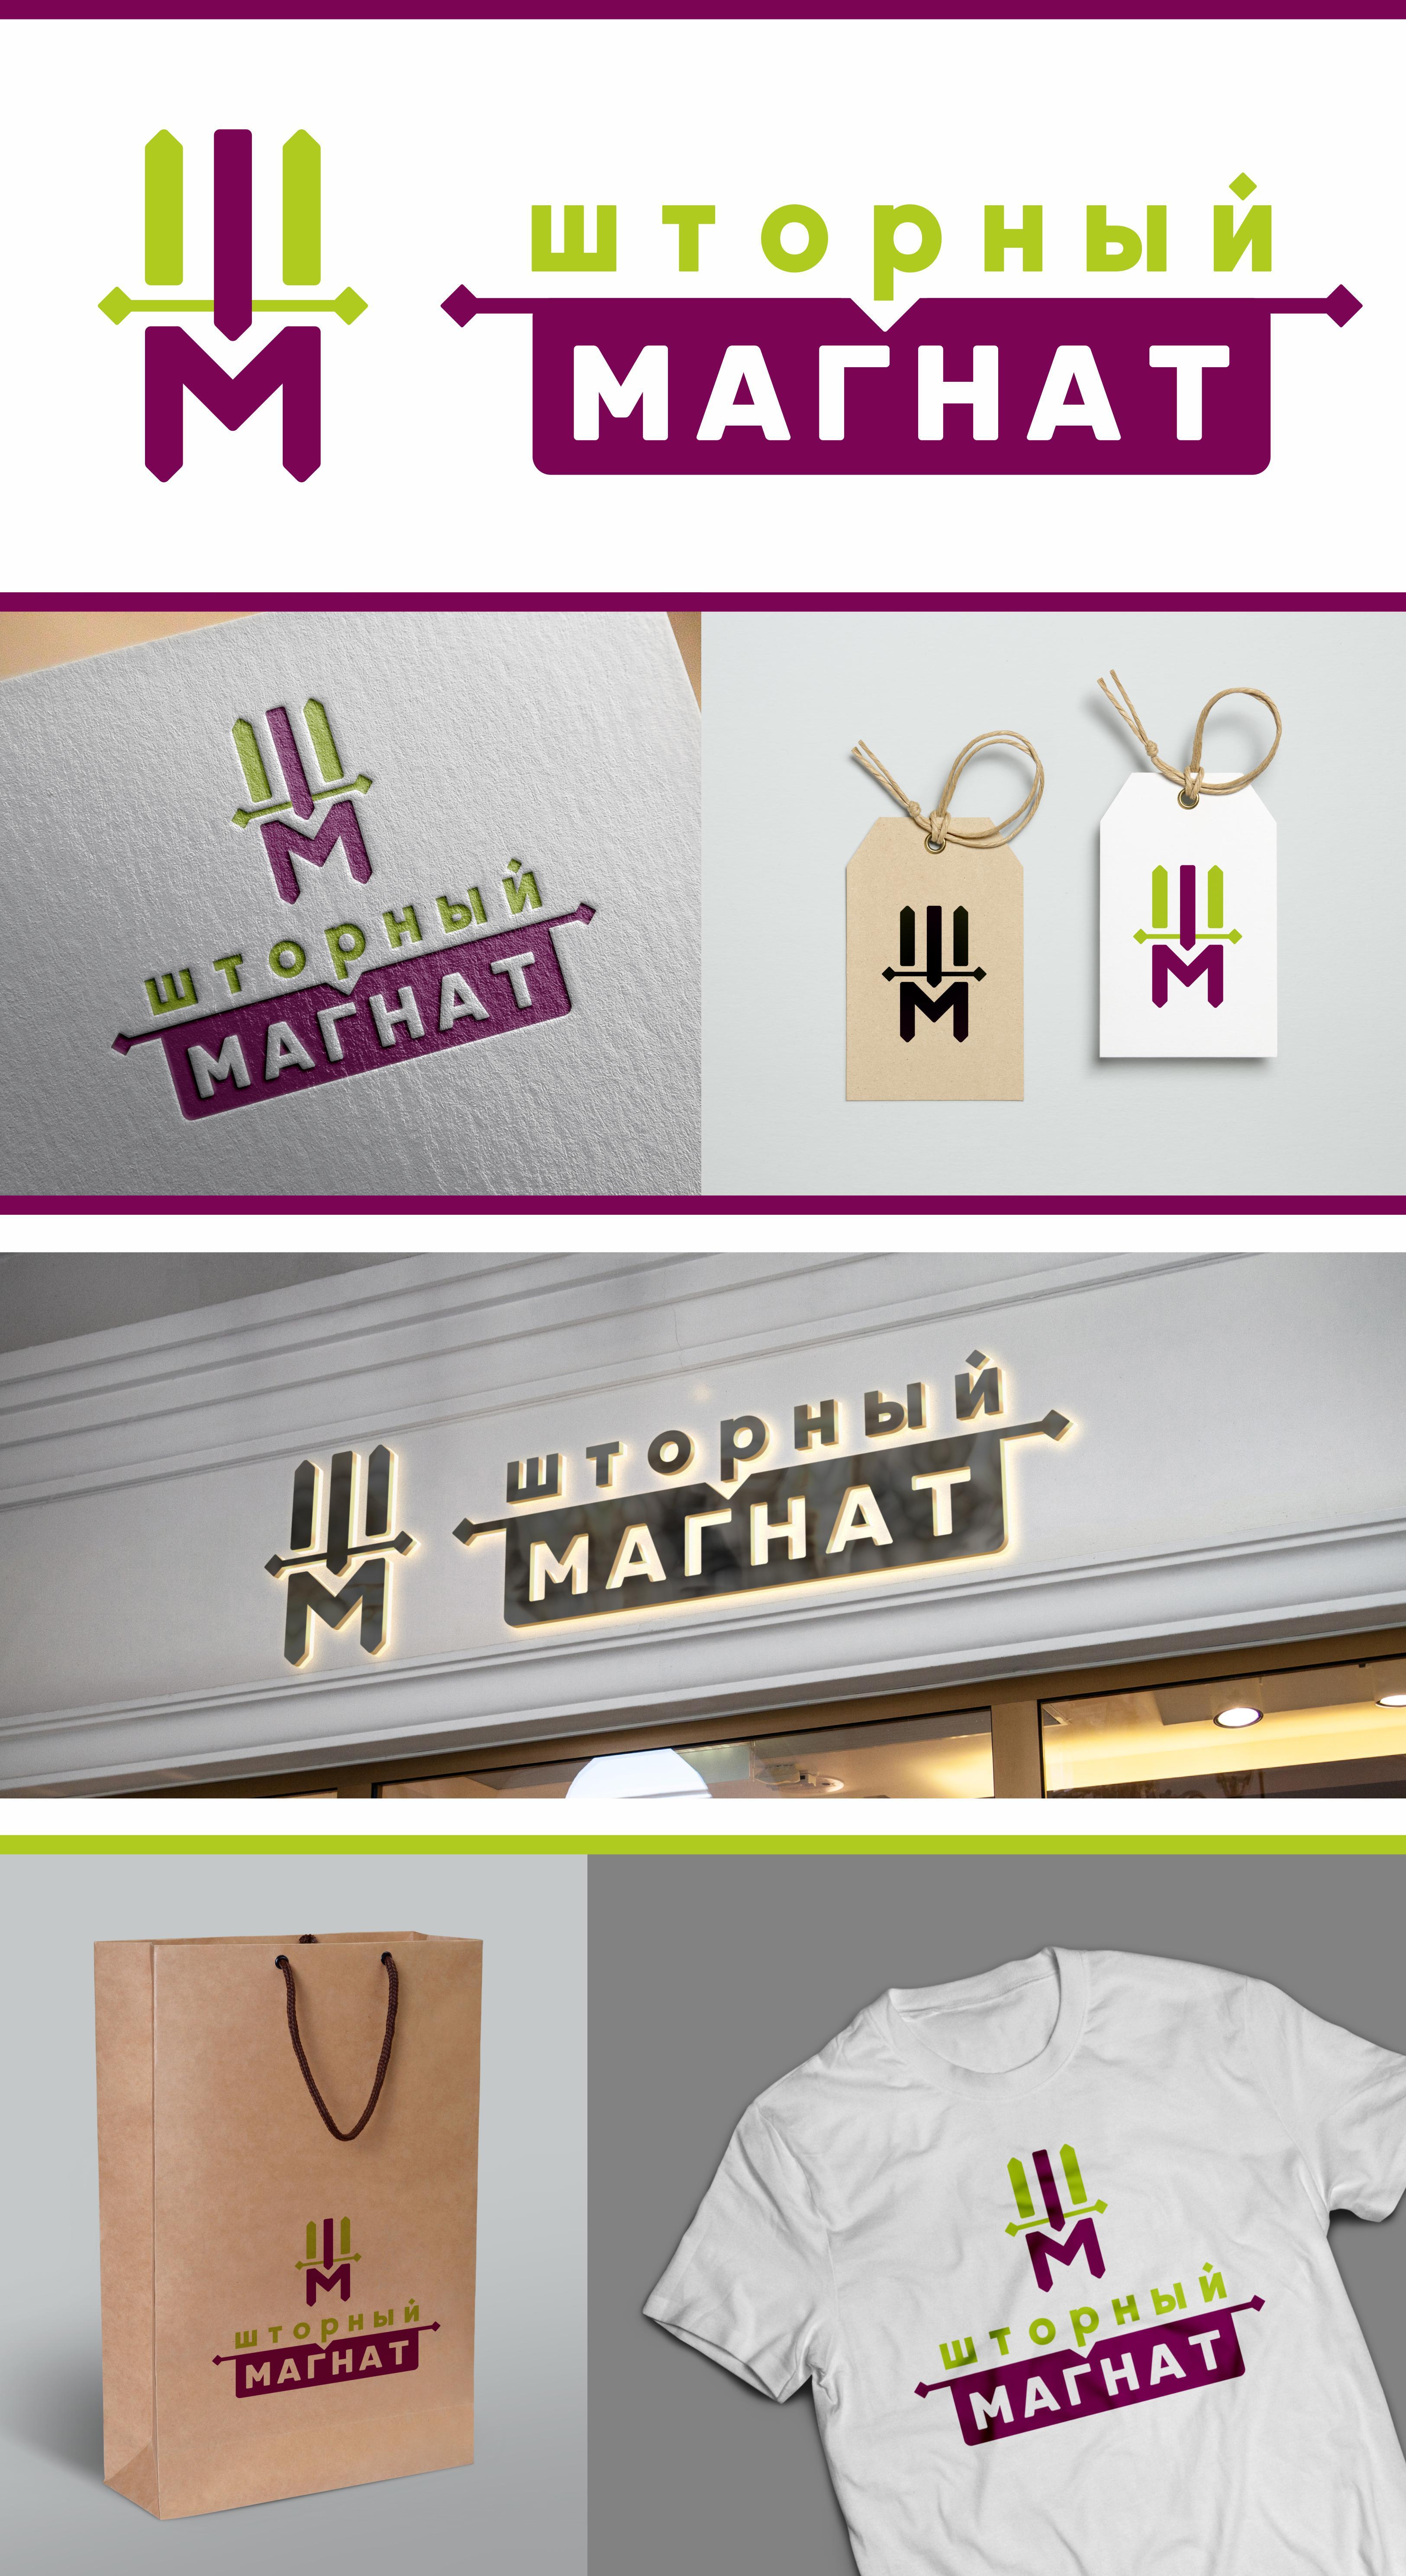 Логотип и фирменный стиль для магазина тканей. фото f_8535cd75726e2ace.jpg